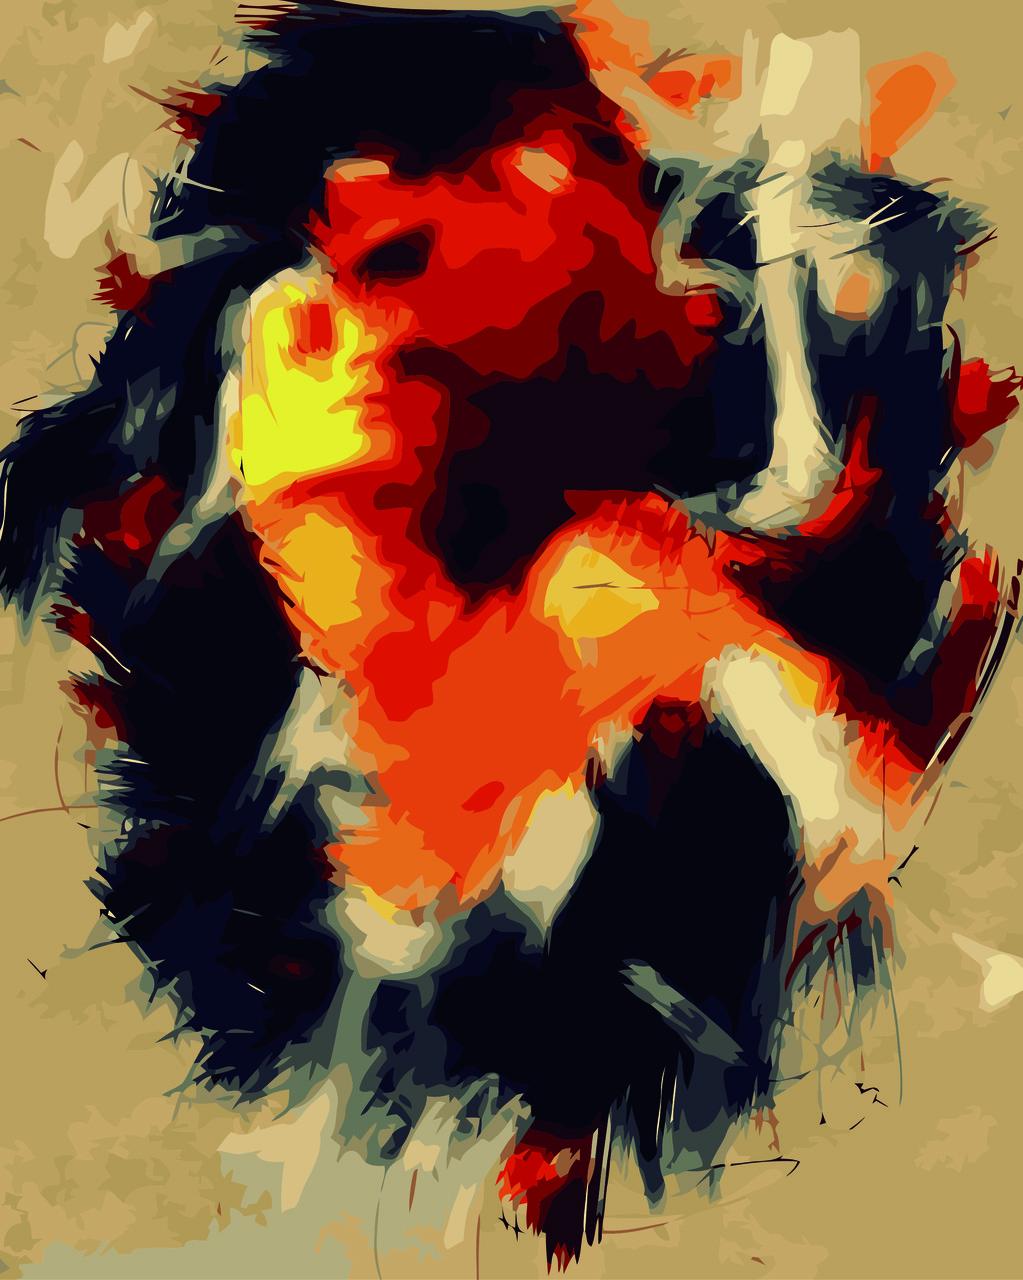 Картина по номерам Последнее объятие (Худ. Омар Делавер), 40x50 см., Домашнее искусство